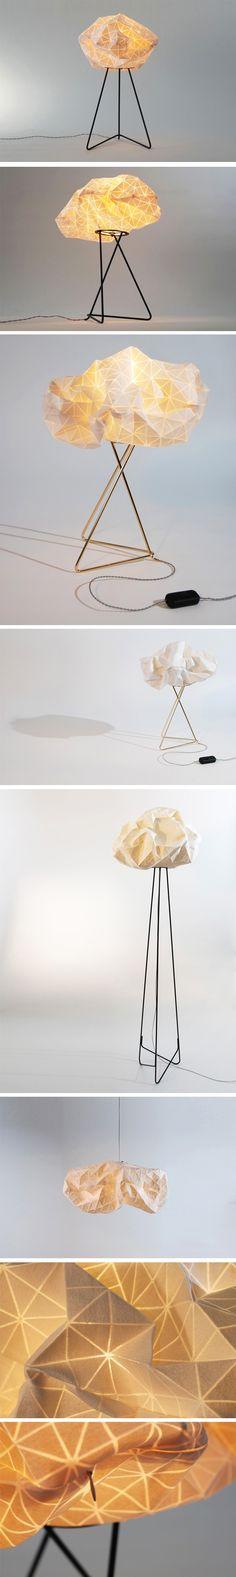 Producks Design Studio + Mika Barr - Série Ori Light /// Tels des petits nuages en tissu, chaque motif imprimé offre une diffusion différente, le volume de lumière est créé comme une nouvelle typologie. Les rainures et les pliages du tissu sont les responsables de l'éclairage variant les tons et les nuances.